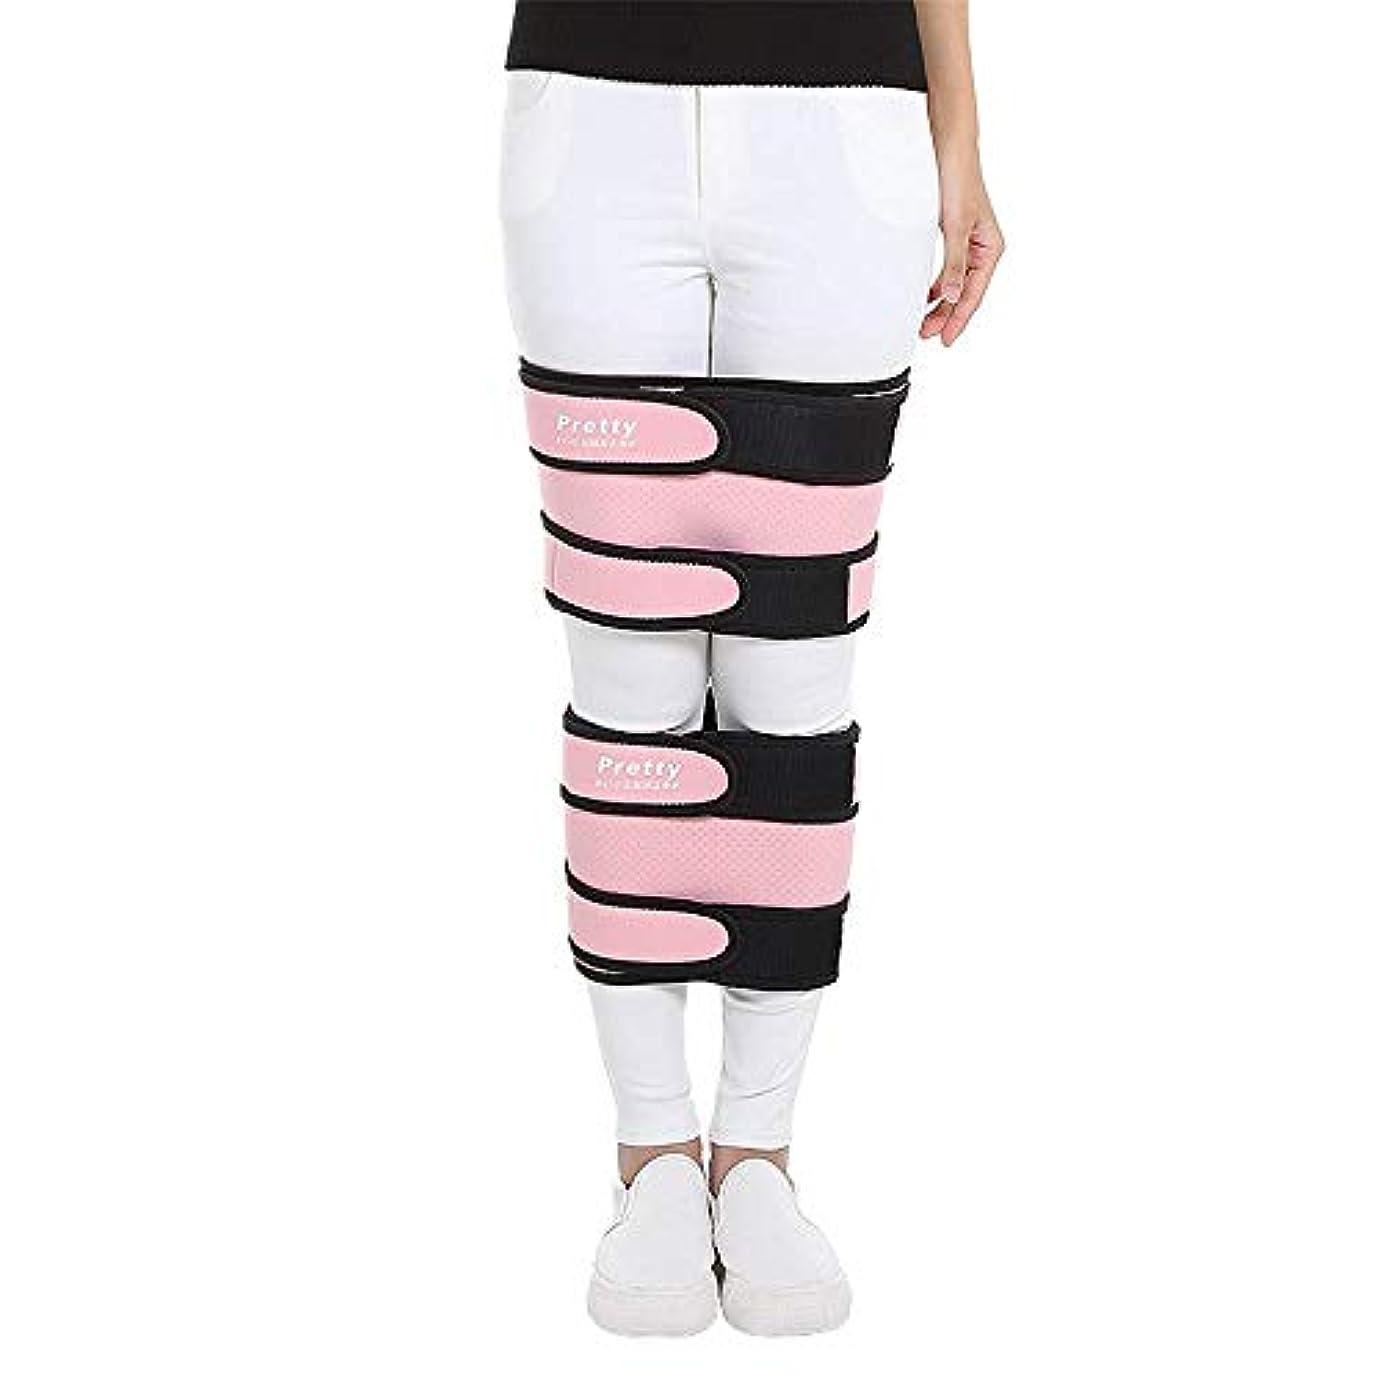 脚矯正ベルトO/X型脚矯正ベルトスムージングベルト美容包帯ベルト調整脚包帯,M